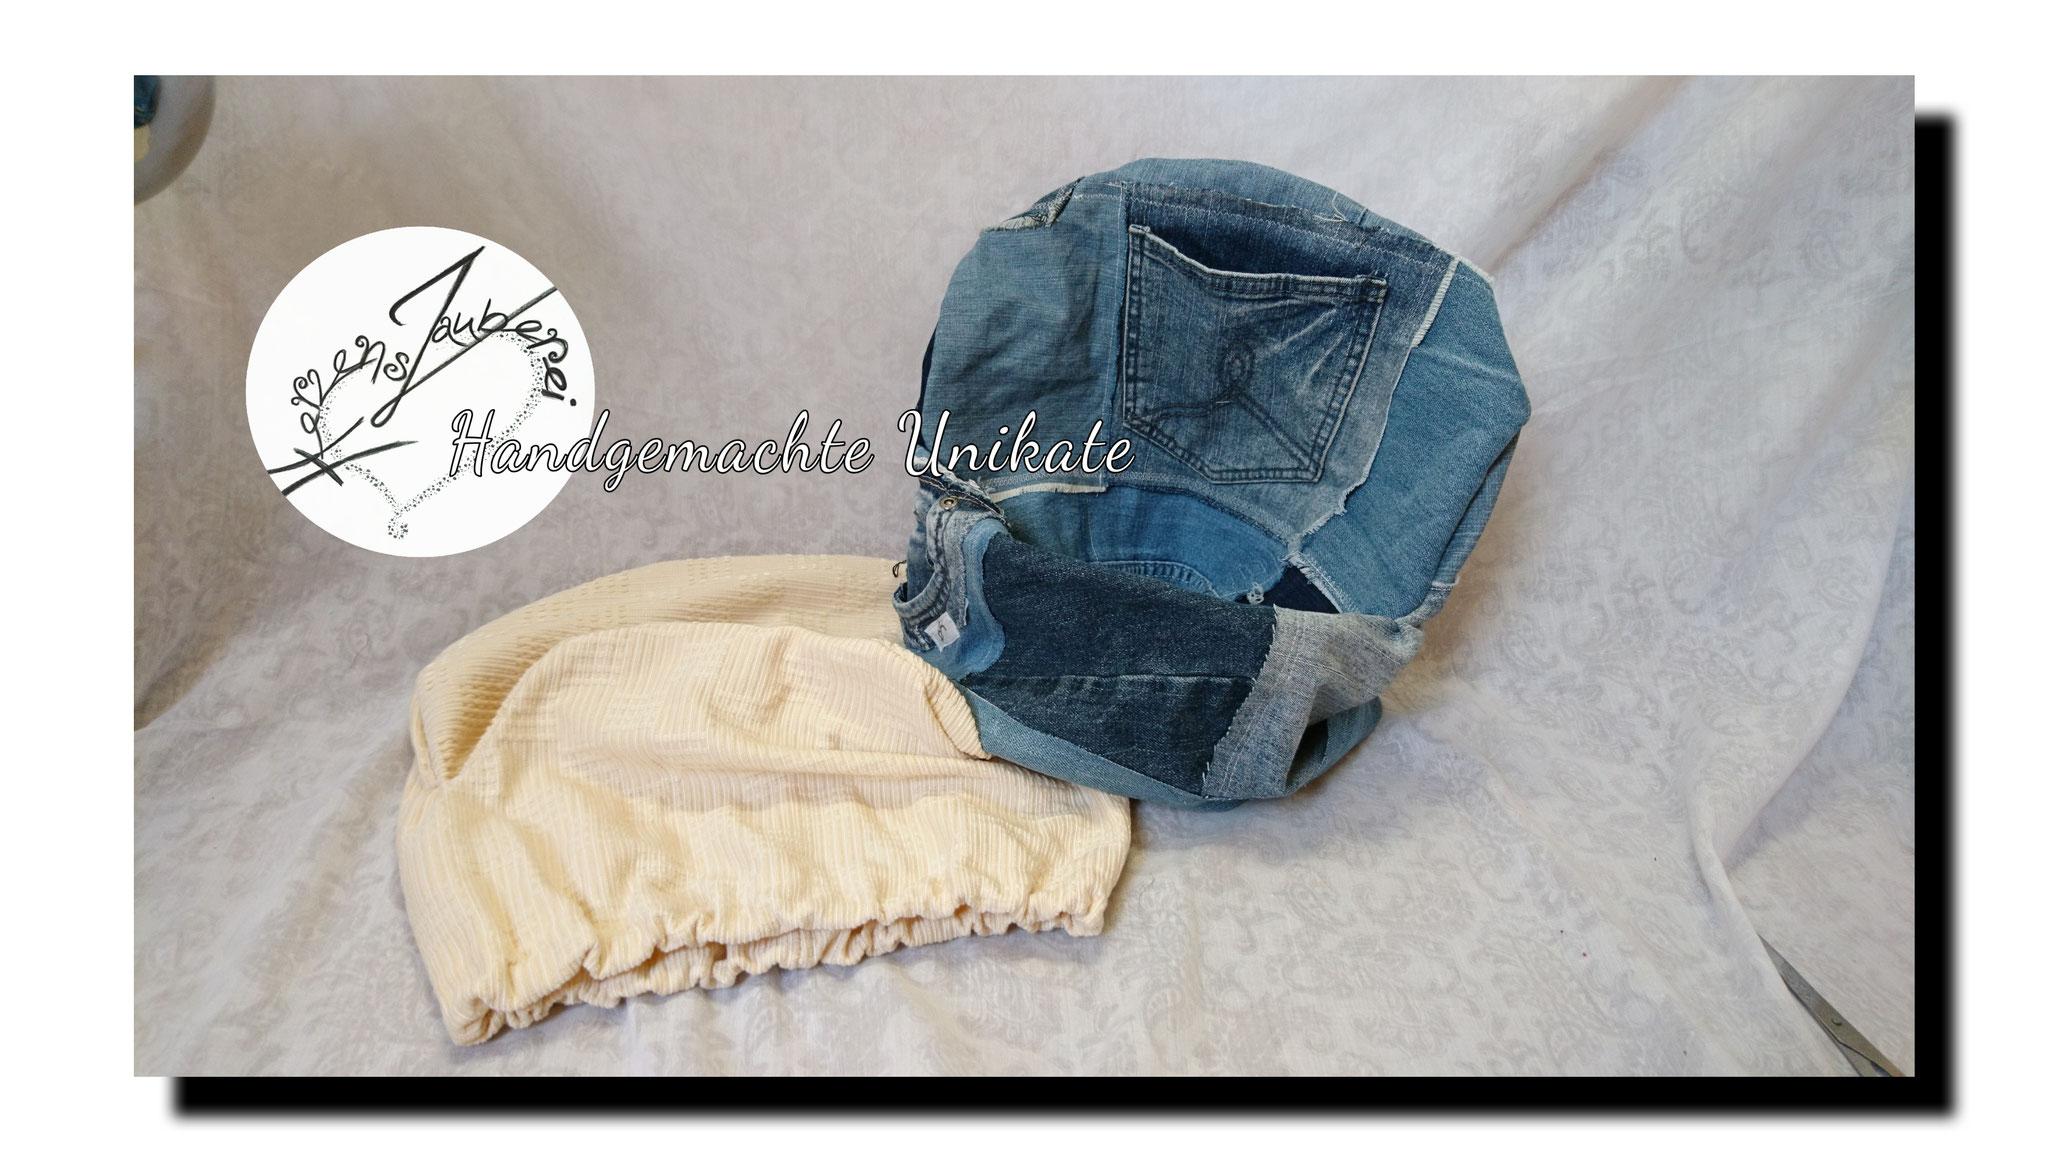 Sesselbezug, Patchwork aus alten Jeans, jeder Bezug ein Unikat, Preis: 40.-